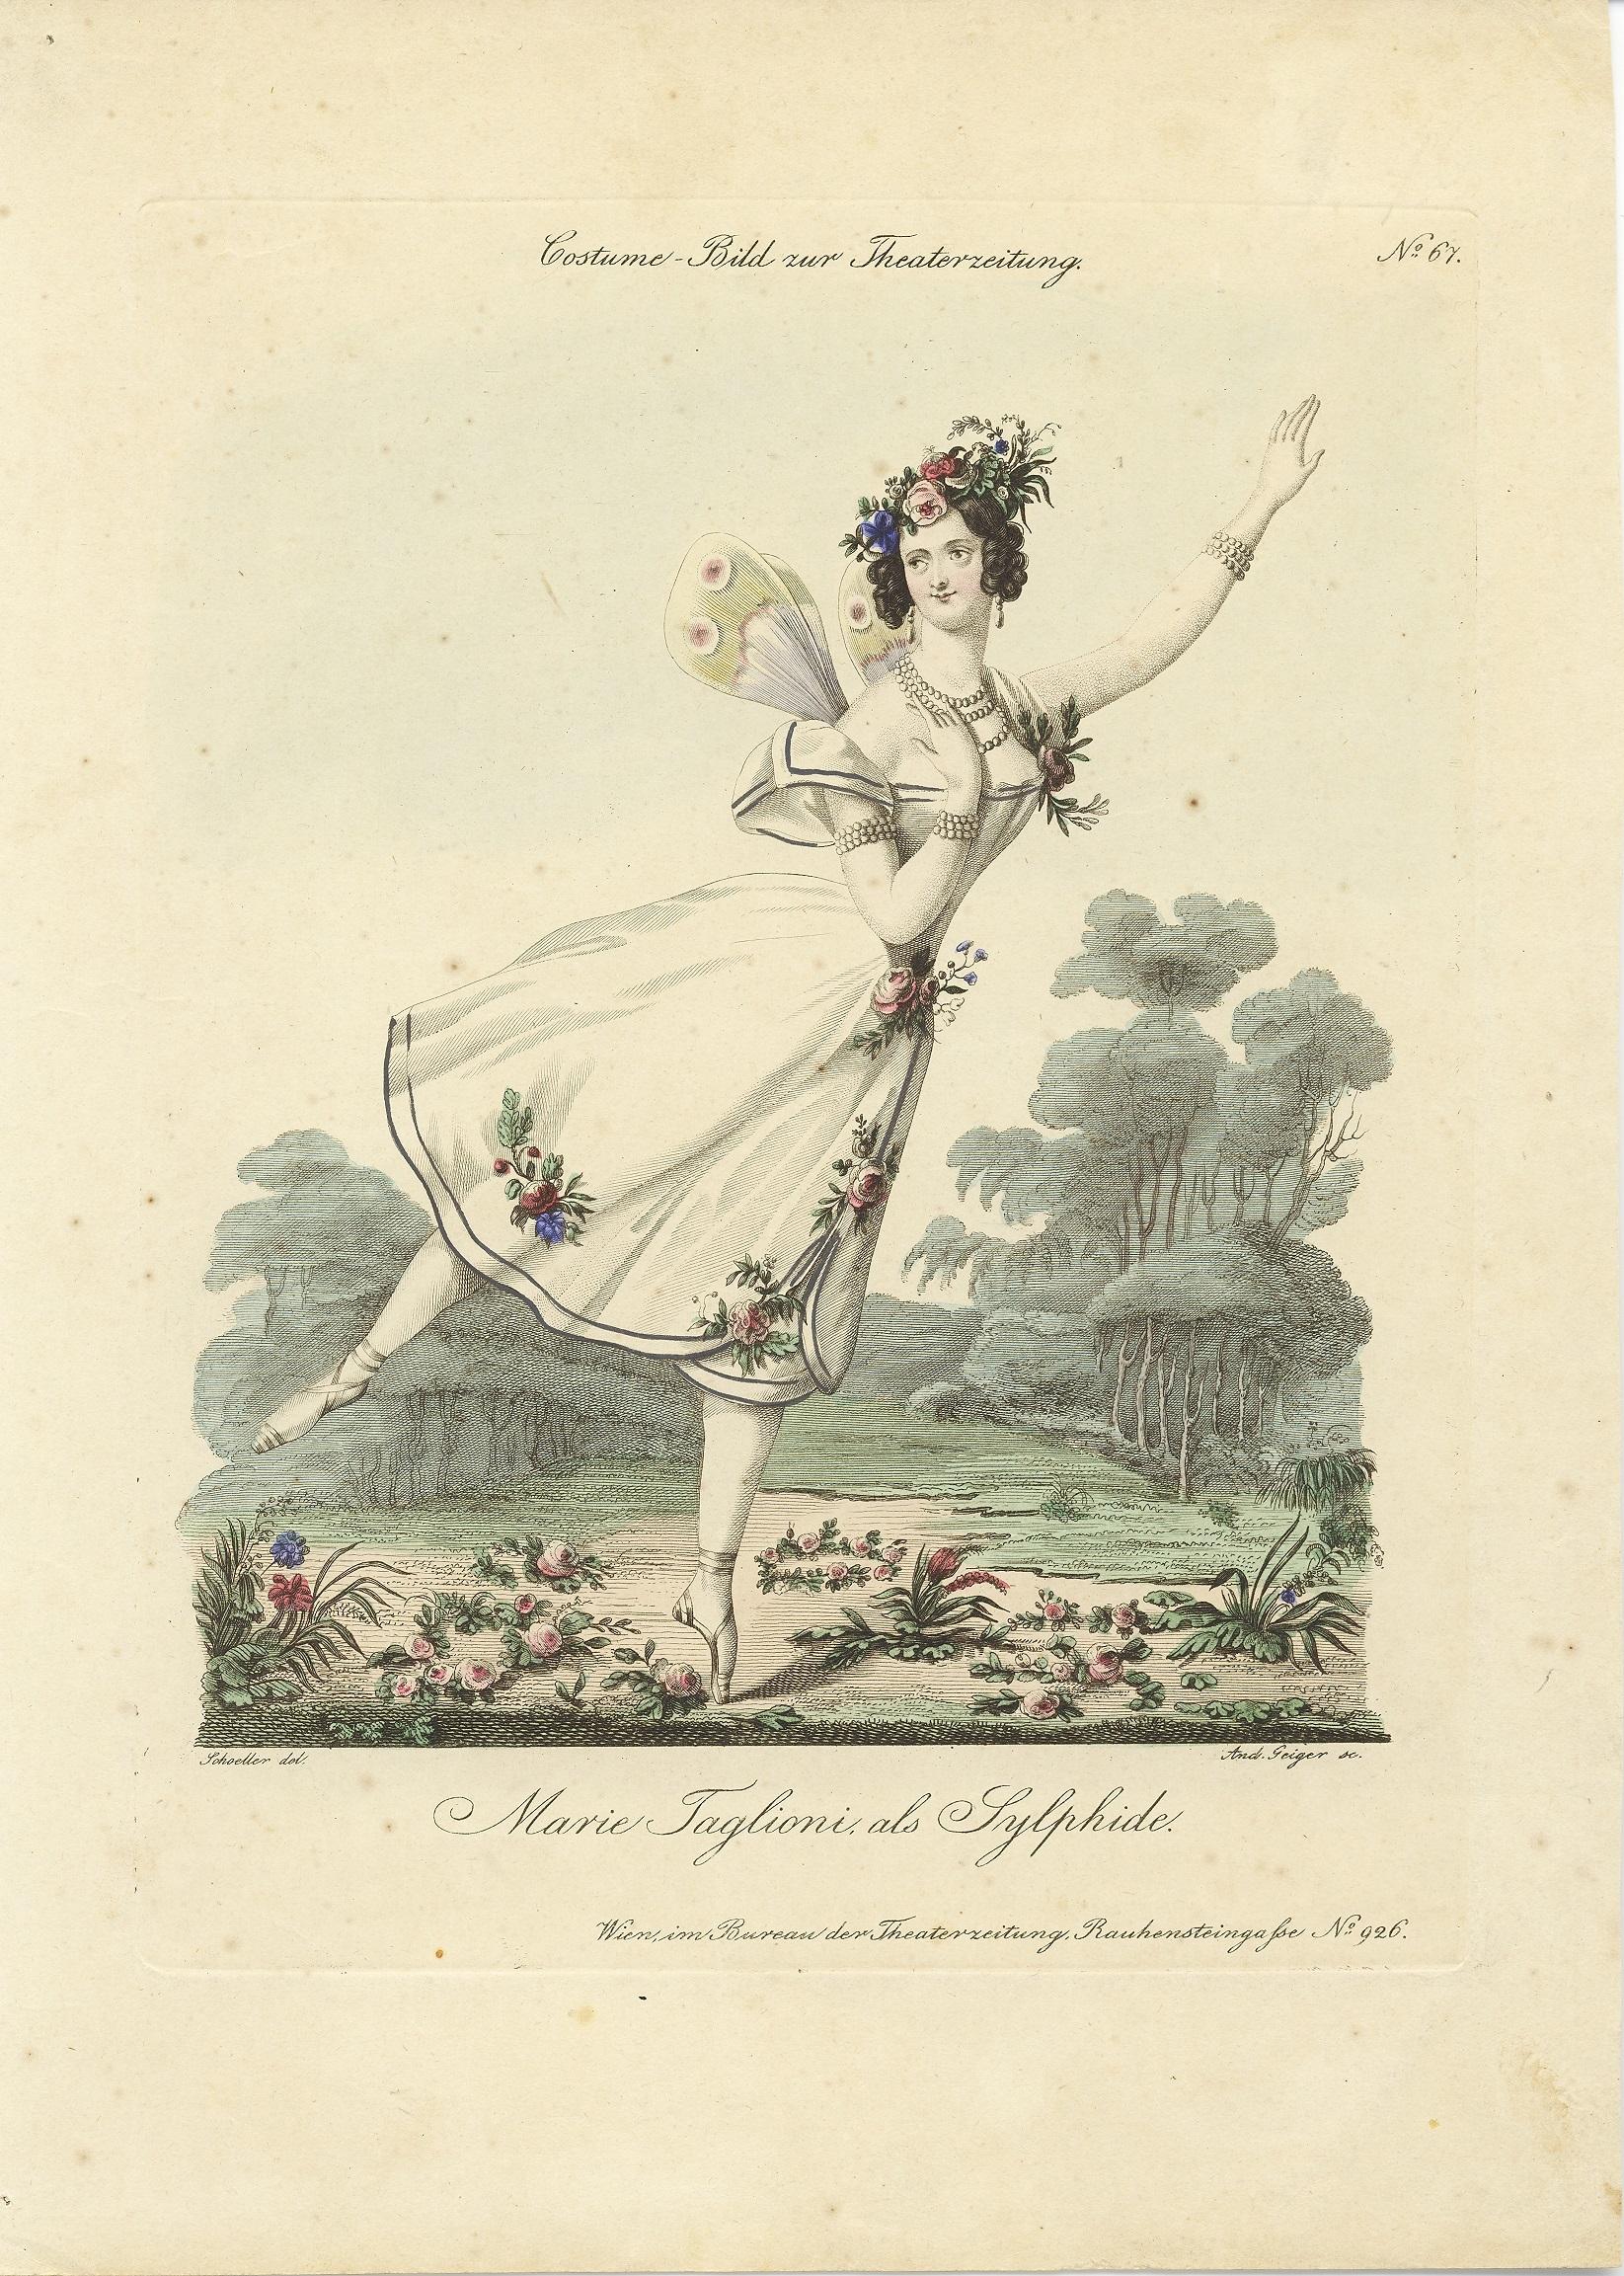 マリー・タリオーニ『ラ・シルフィード』アンティークプリント 1833年頃